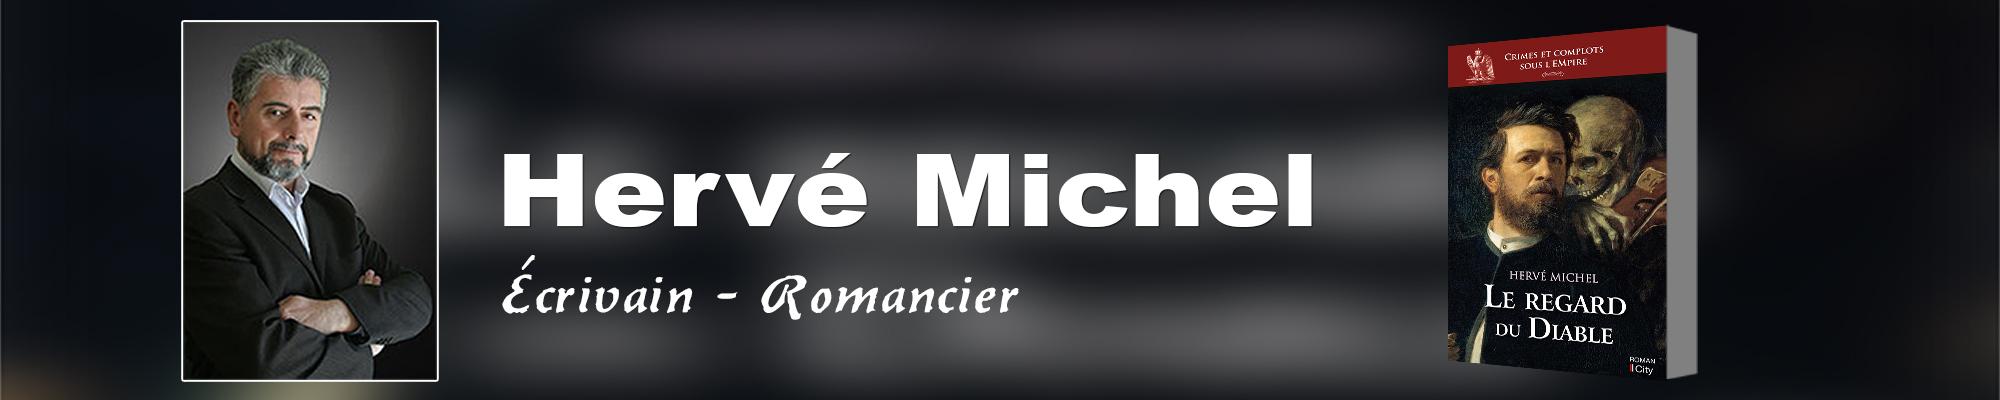 Hervé Michel Écrivain